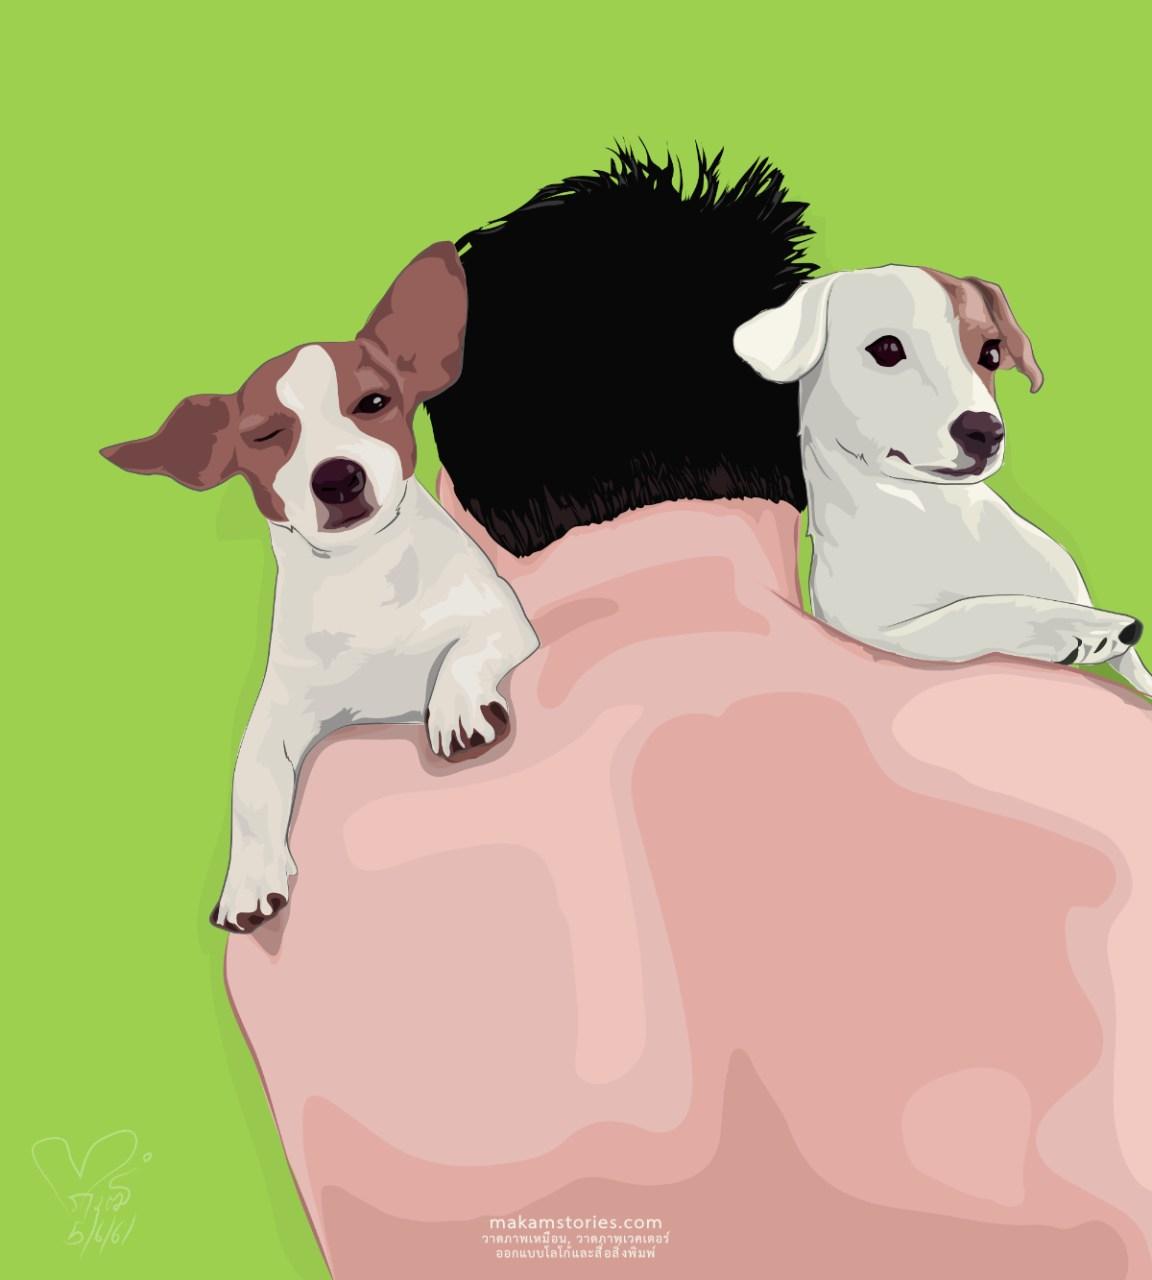 ภาพวาดสัตว์เลี้ยง ภาพเหมือนสไตล์เวคเตอร์ ภาพวาดด้วยโปรแกรม Affinity Designer